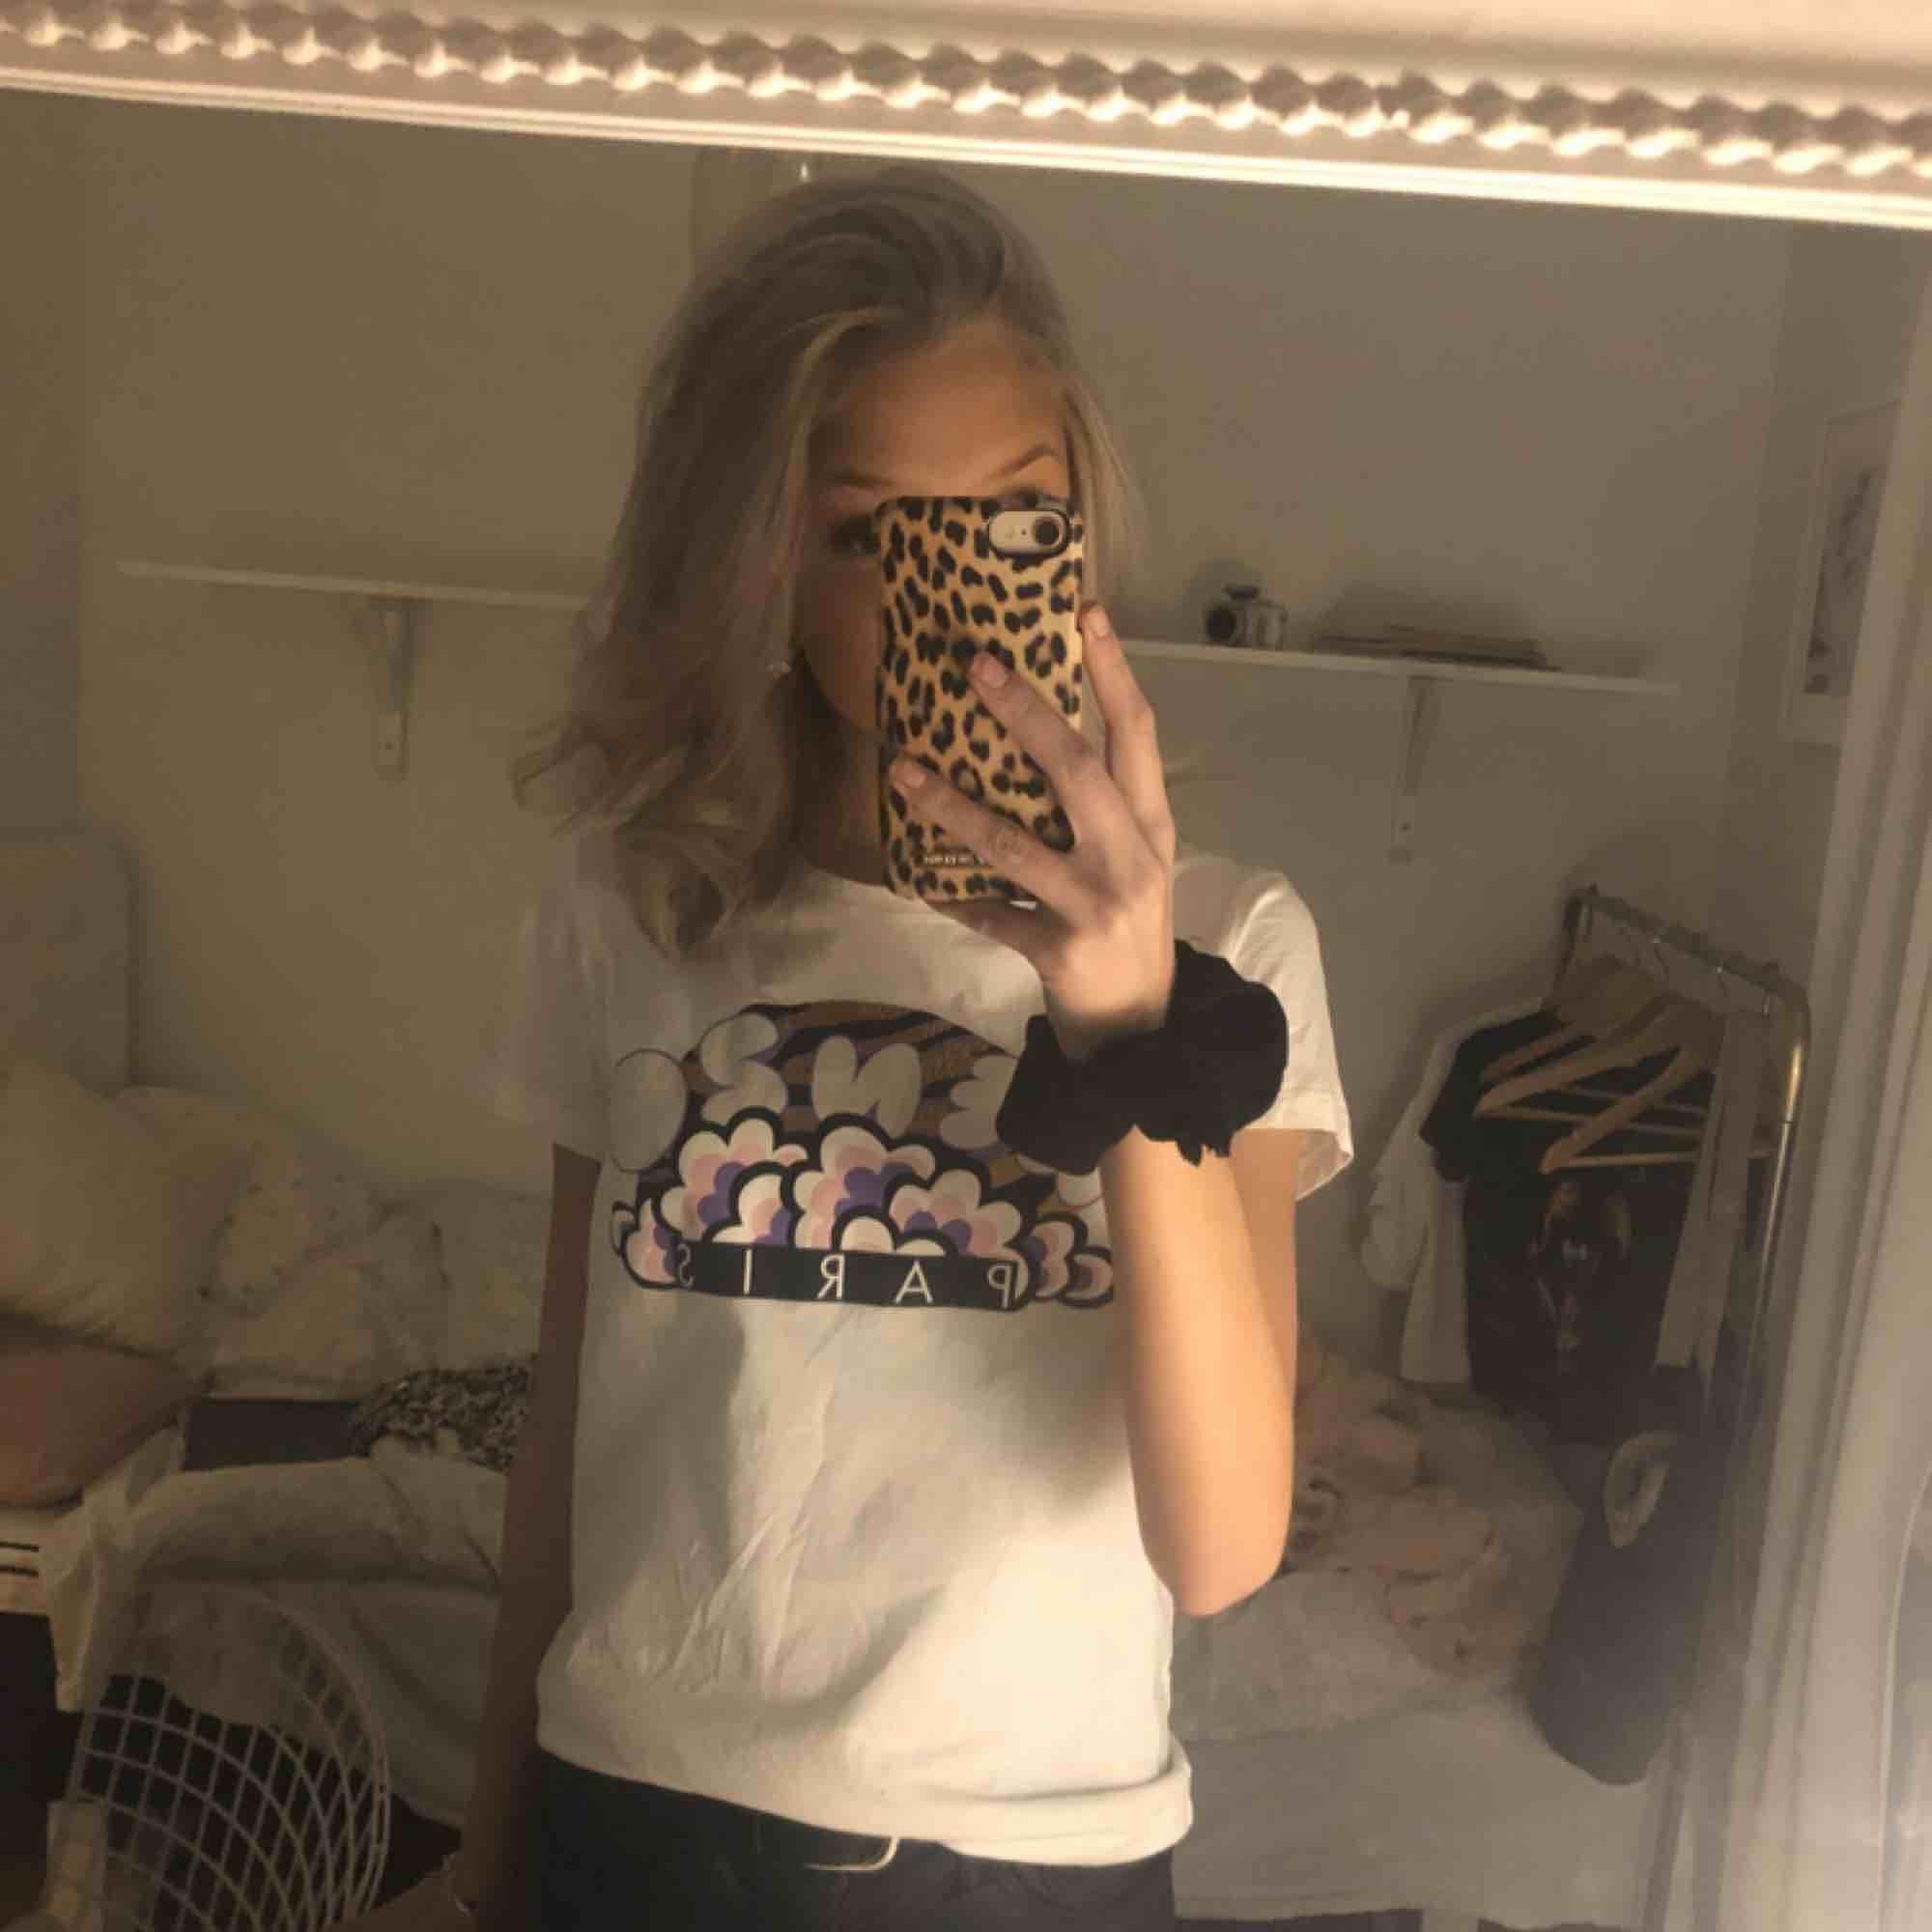 Kenzo t-shirt Storlek: M men passar mig som har xs/s använt få ggr dock en svarta små prickar från målarfärg (se sista bild) på kanten av tröjan. Syns knappast på avstånd😊 Står inte för frakt. T-shirts.